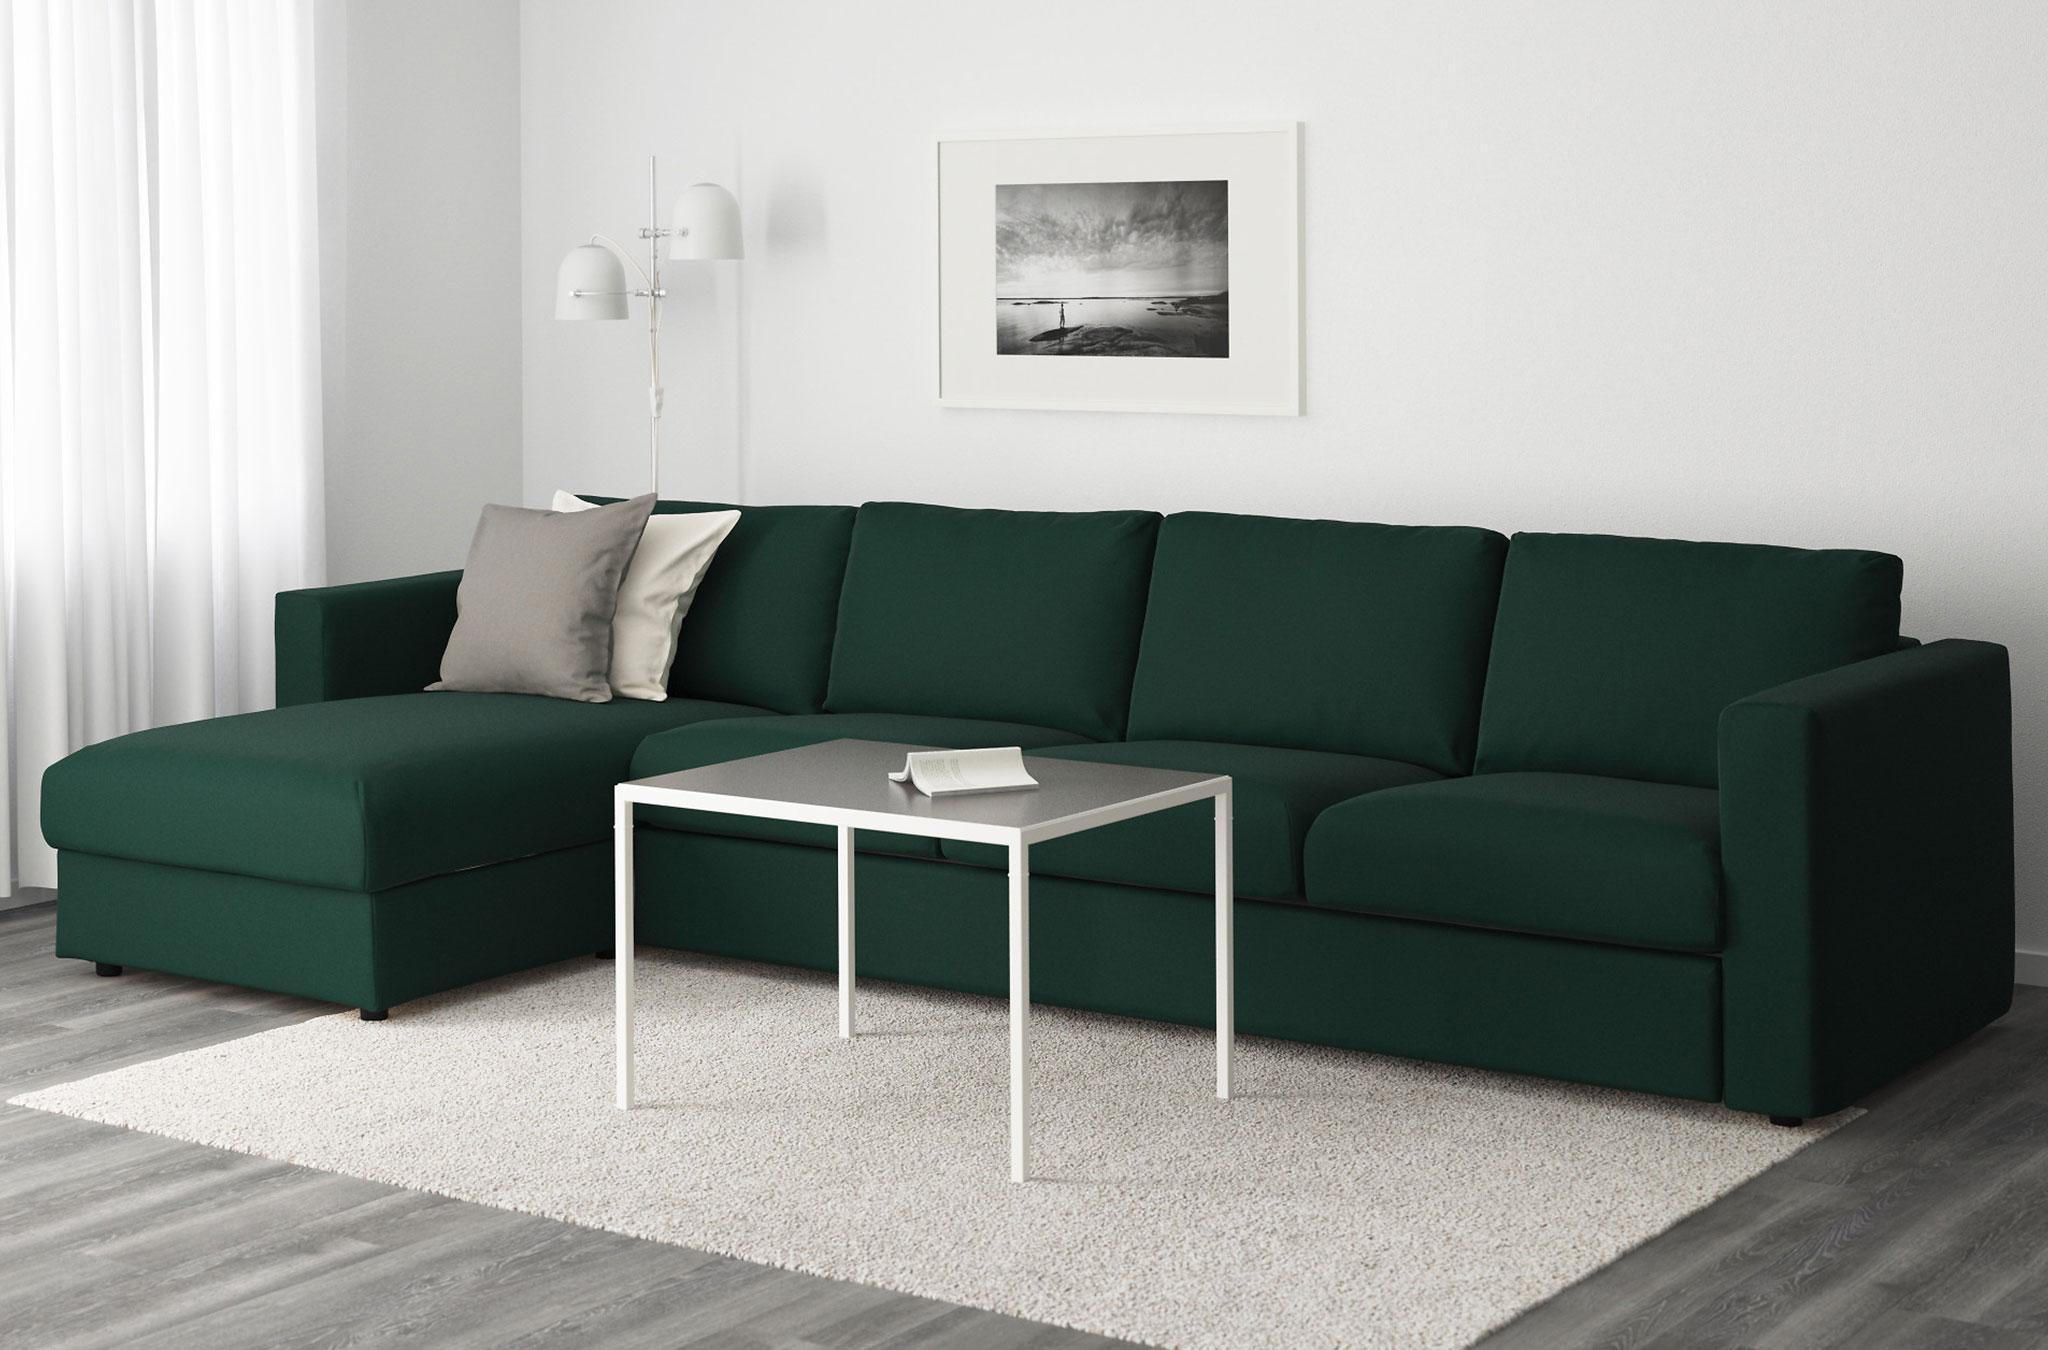 Modular Sofas & Sectional Sofas | Ikea Regarding Modular Sofas (View 4 of 20)